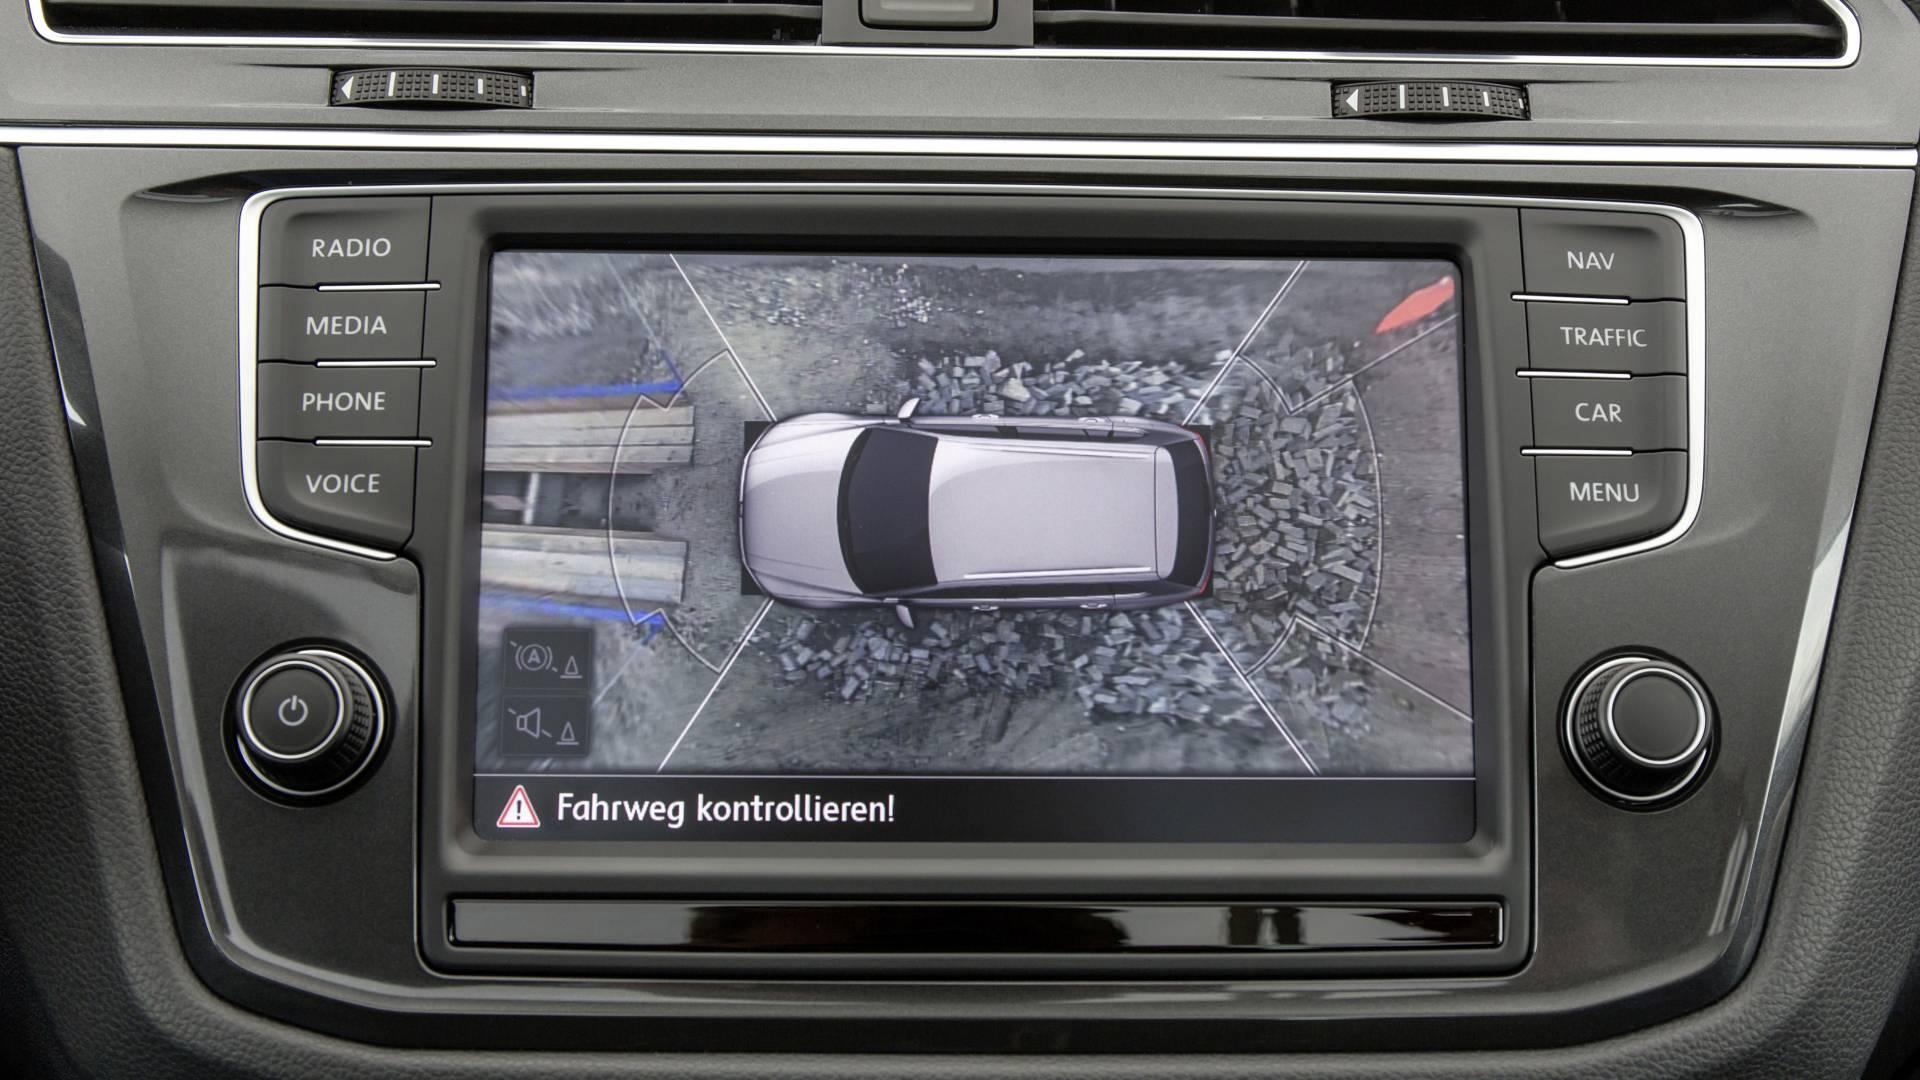 Cuatro cámaras de vídeo aportan una visión perimetral del vehículo (360º) en la pantalla. Estas cámaras van situadas en, el paragolpes delantero, portón trasero y en carcasa de los retrovisores exteriores.